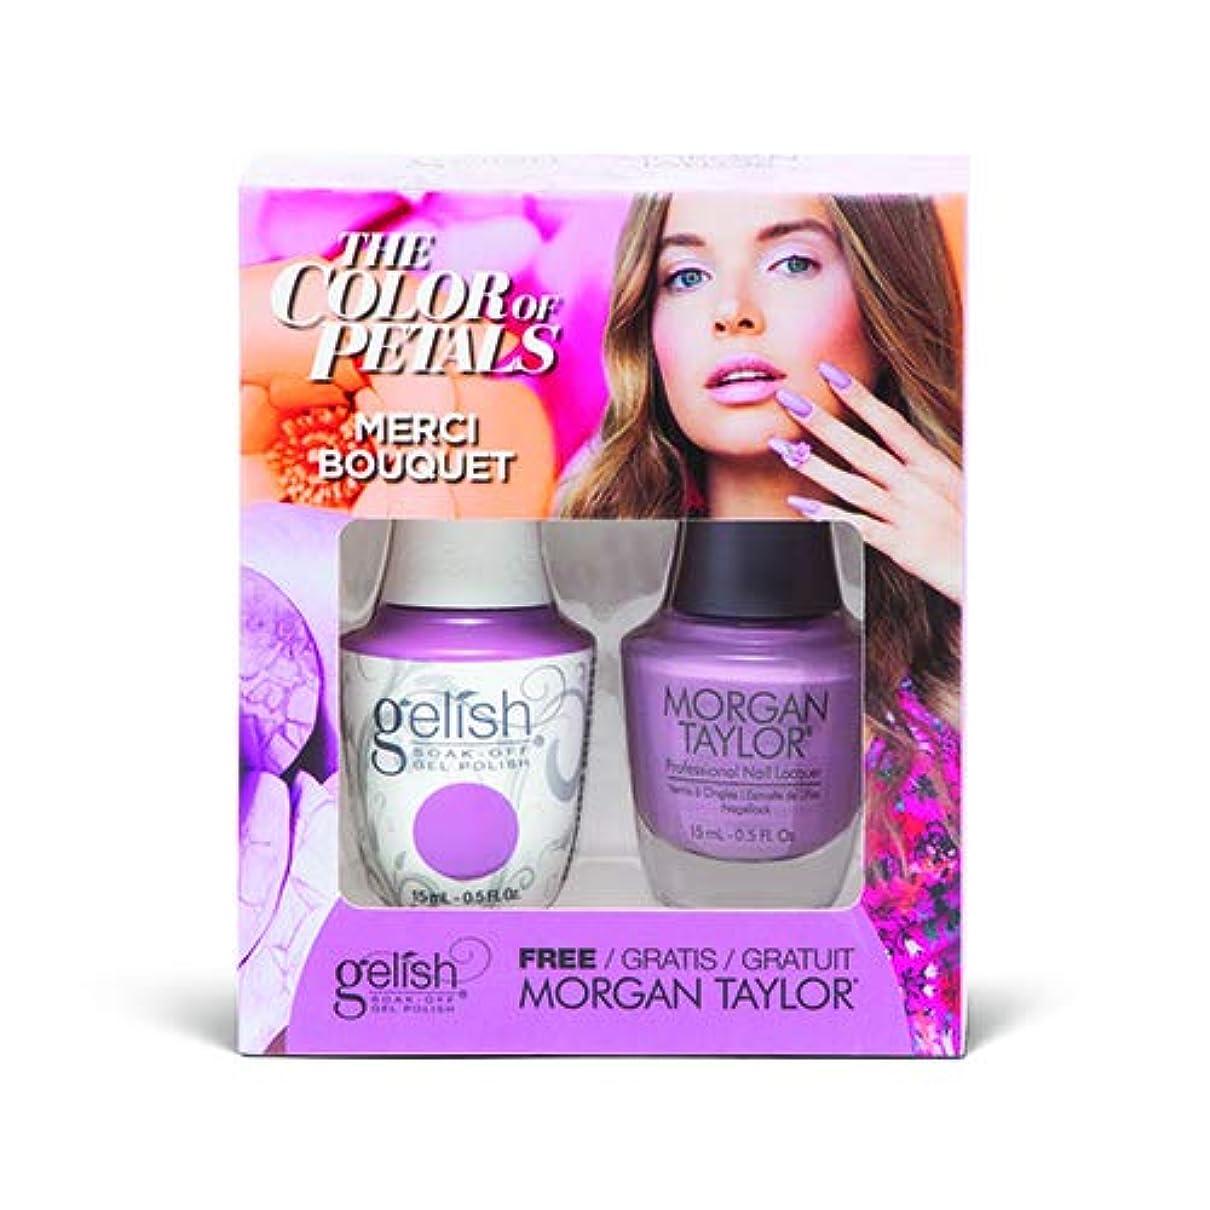 死緩やかな施設Harmony Gelish - Two Of A Kind - The Color Of Petals - Merci Bouquet - 15 mL / 0.5 Oz